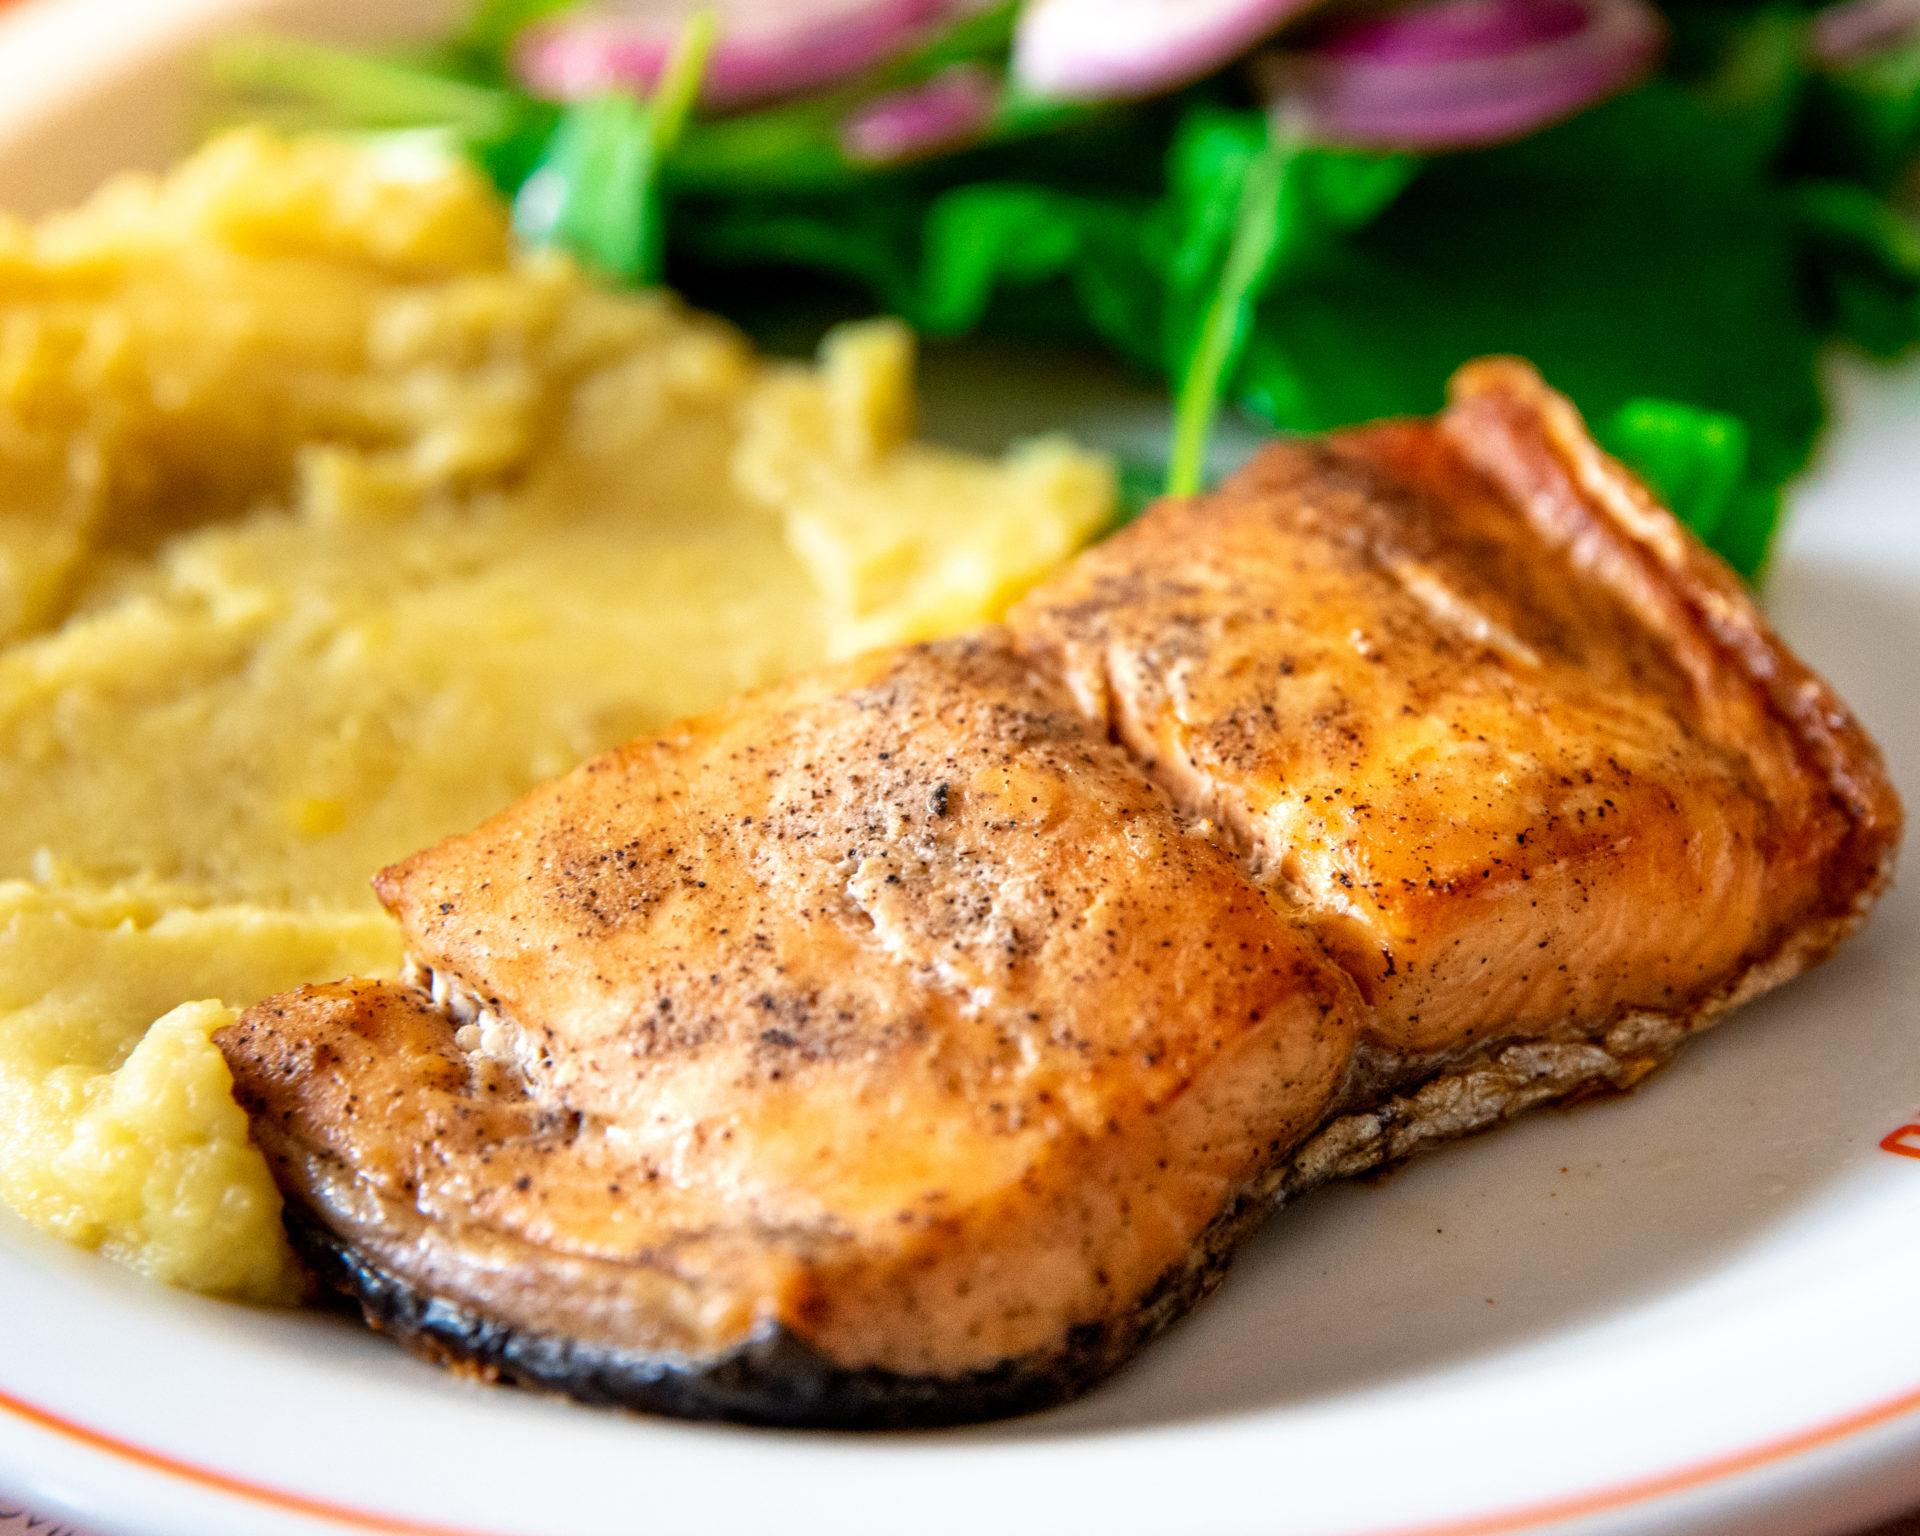 Prato com salmão, pure de batata doce e salada de rúcula